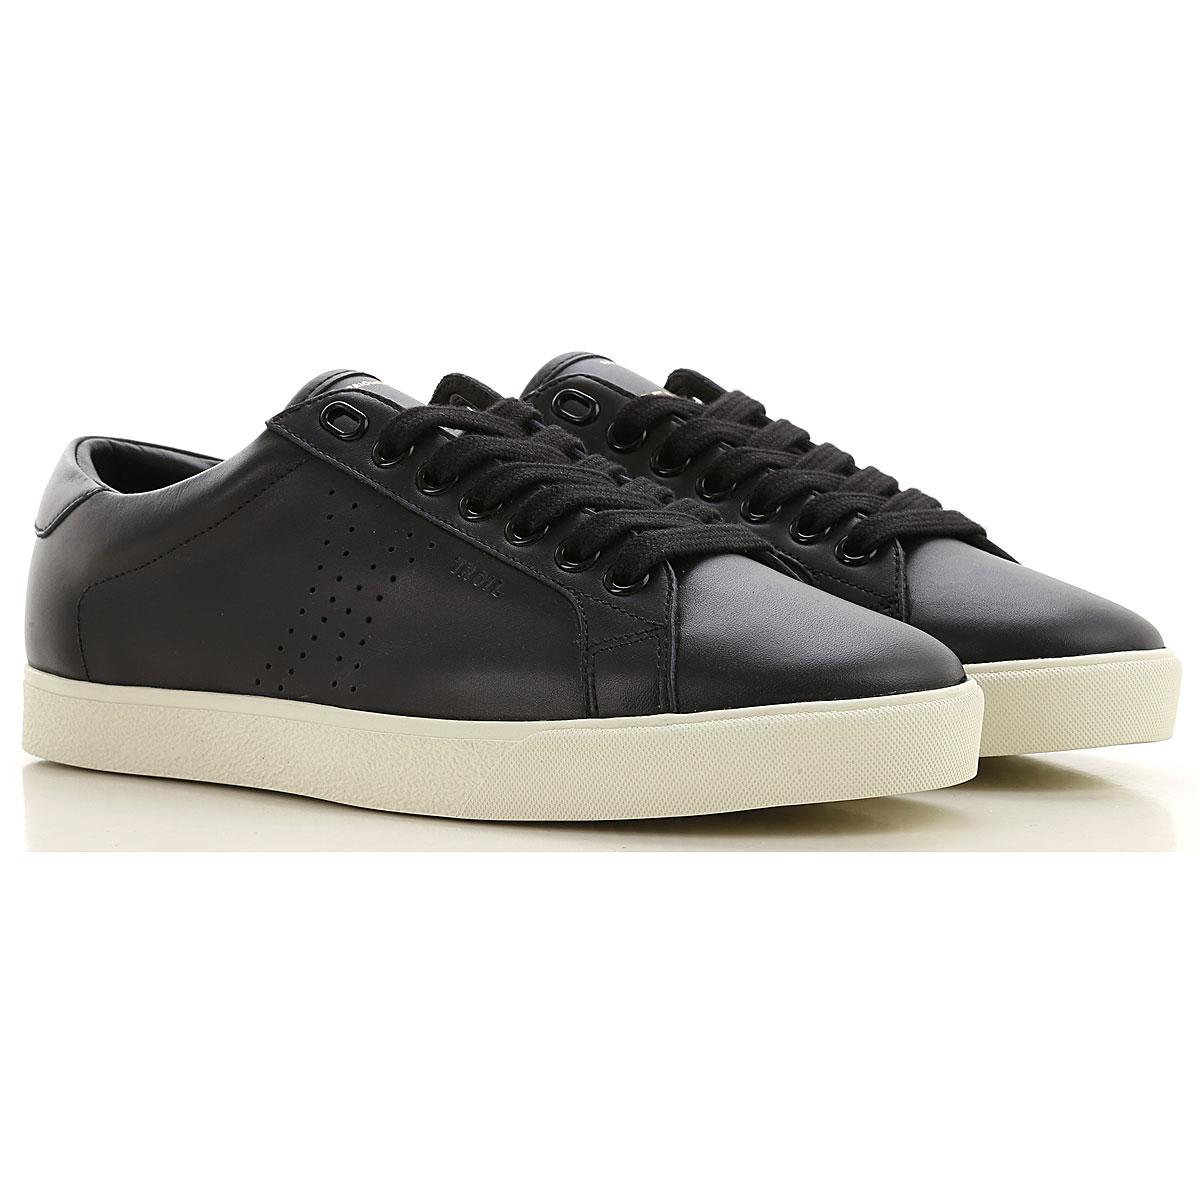 Celine Sneaker Femme, Noir, Cuir, 2019, 38 39